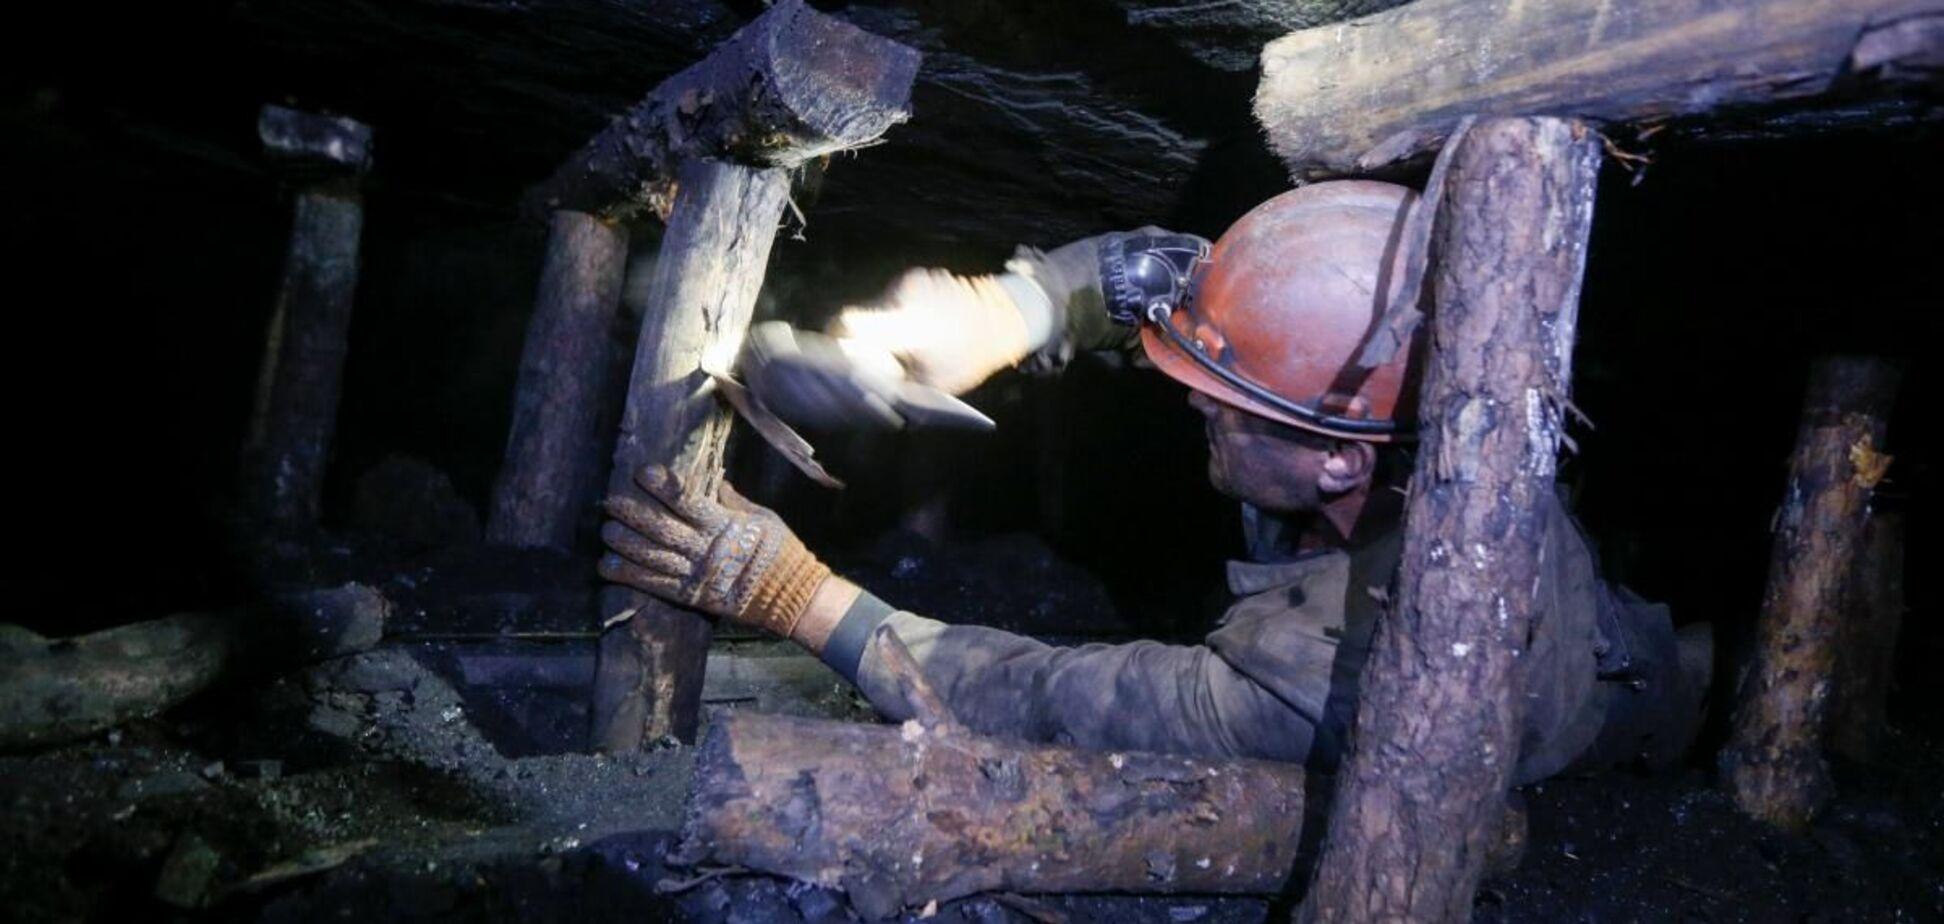 Минэнерго хочет создать ВИК на базе 'Центрэнерго' и эффективных шахт